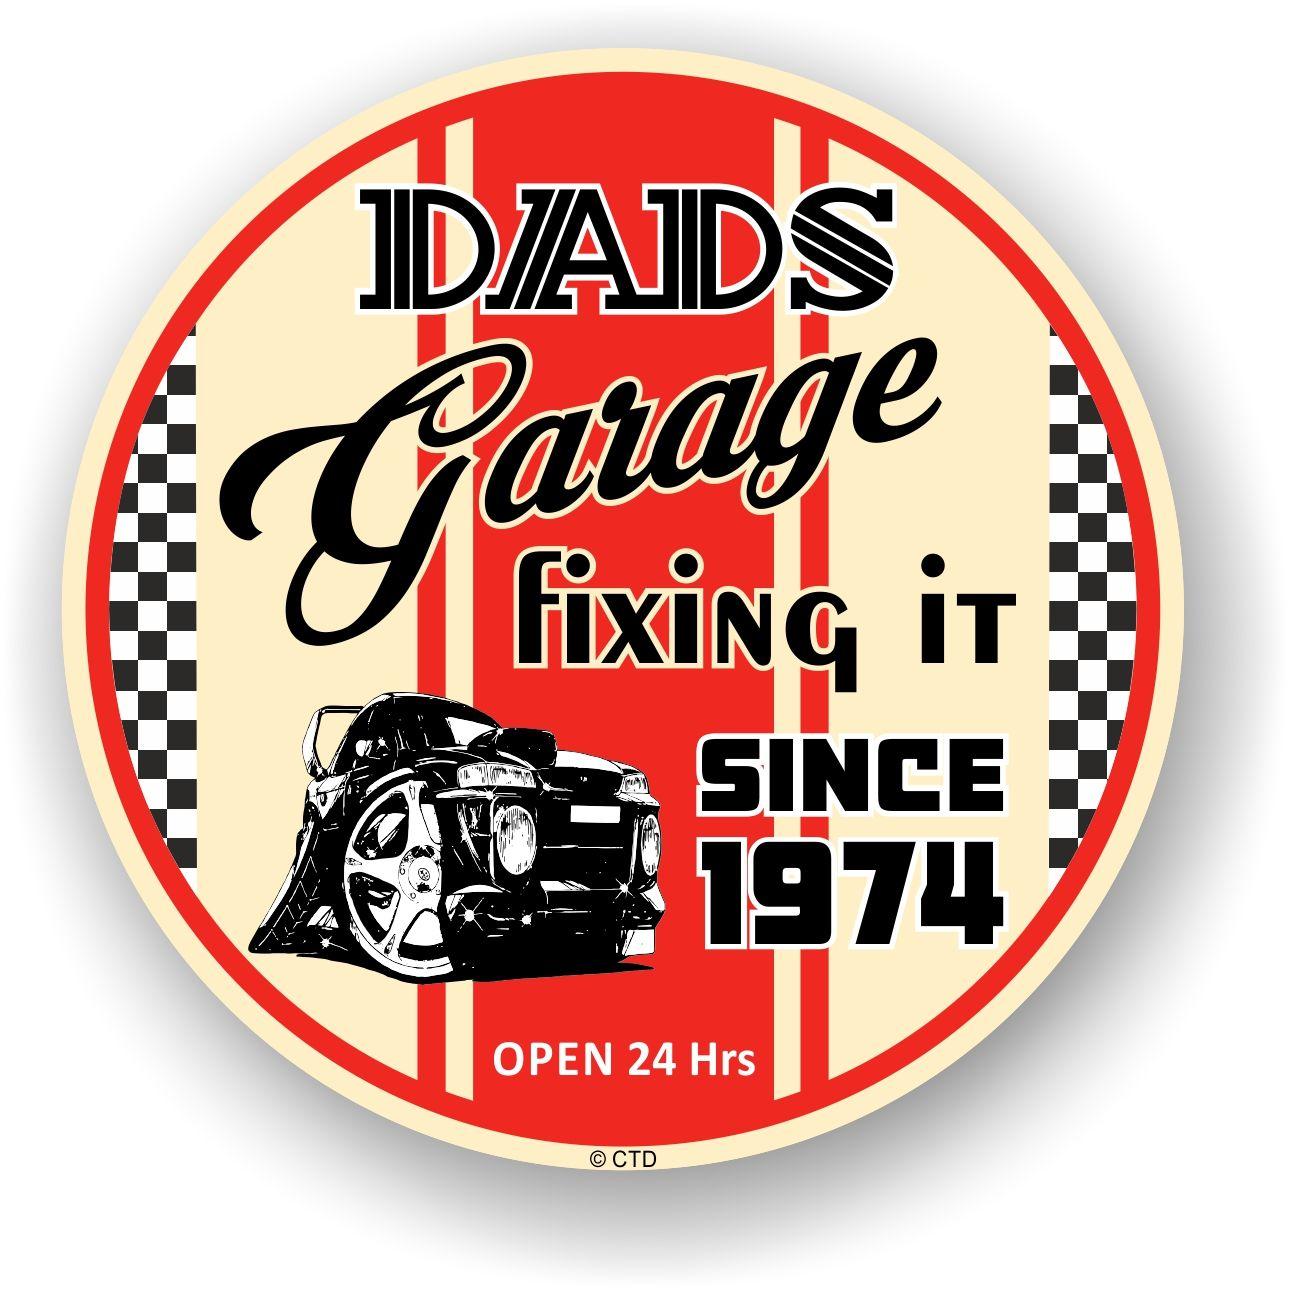 Dad S Garage Roundel Design Year Dated 1974 Vinyl Car